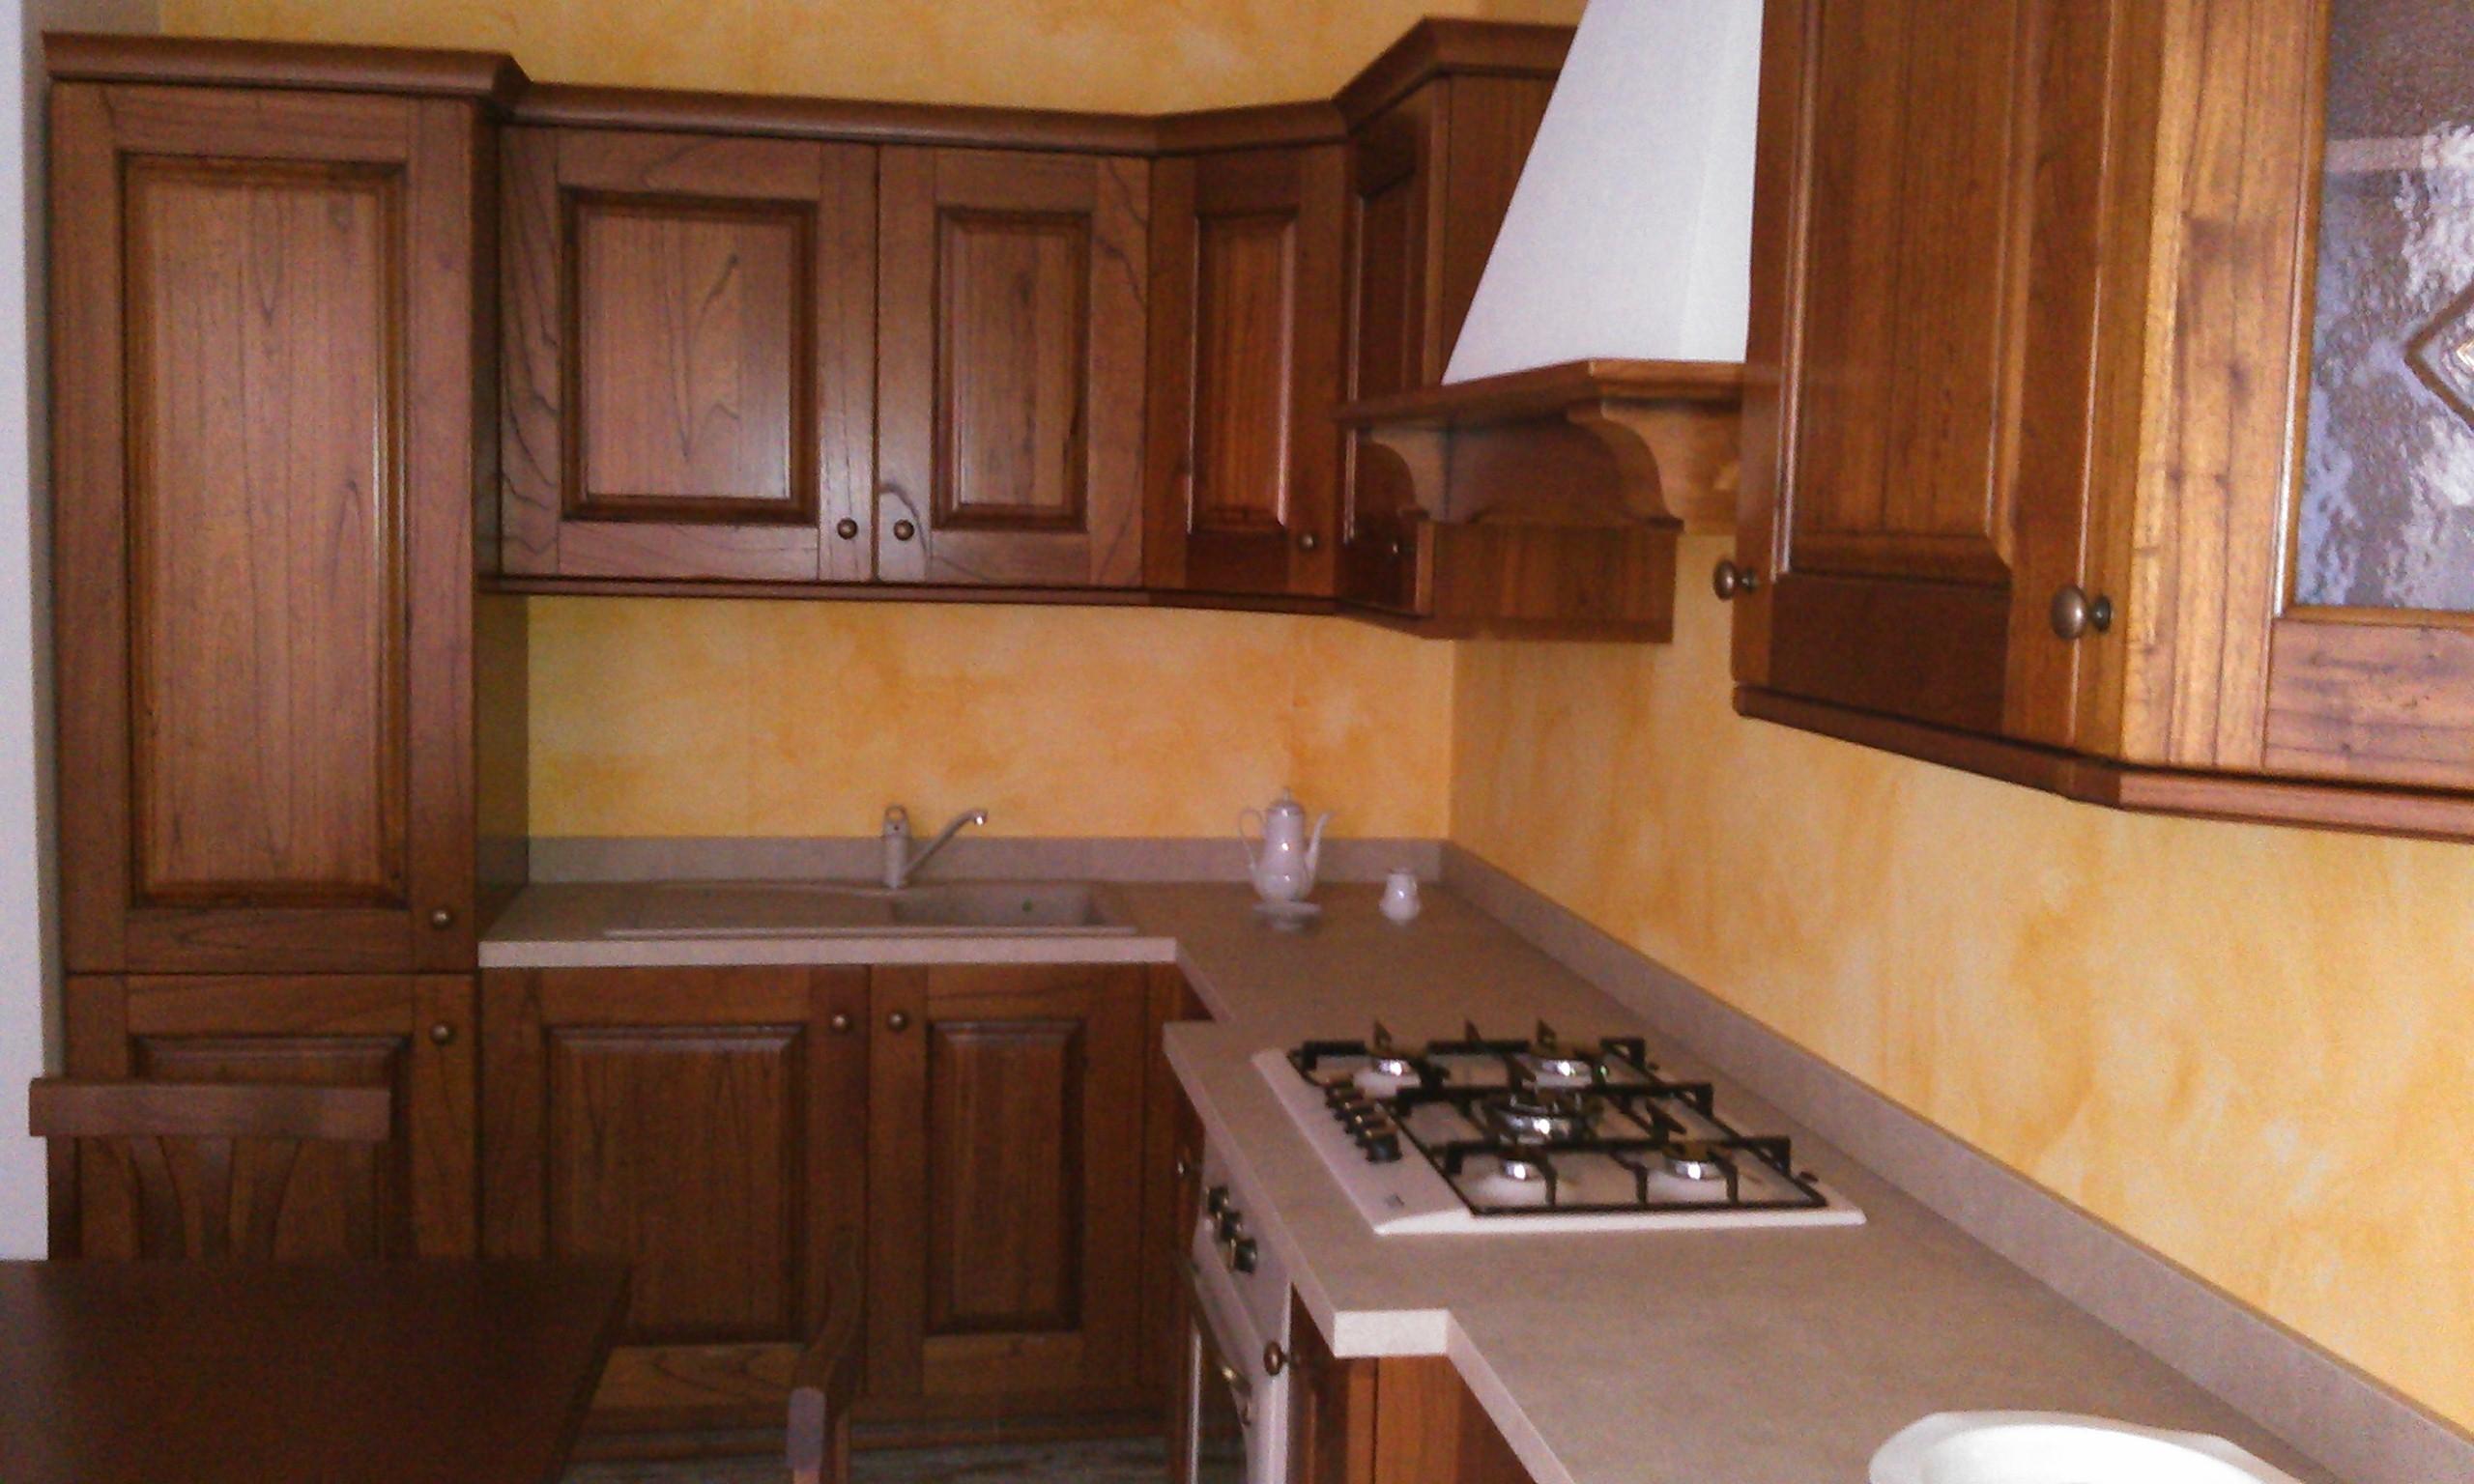 Cucina Rustica Prezzi. Cheap Cucina With Cucina Rustica Prezzi ...